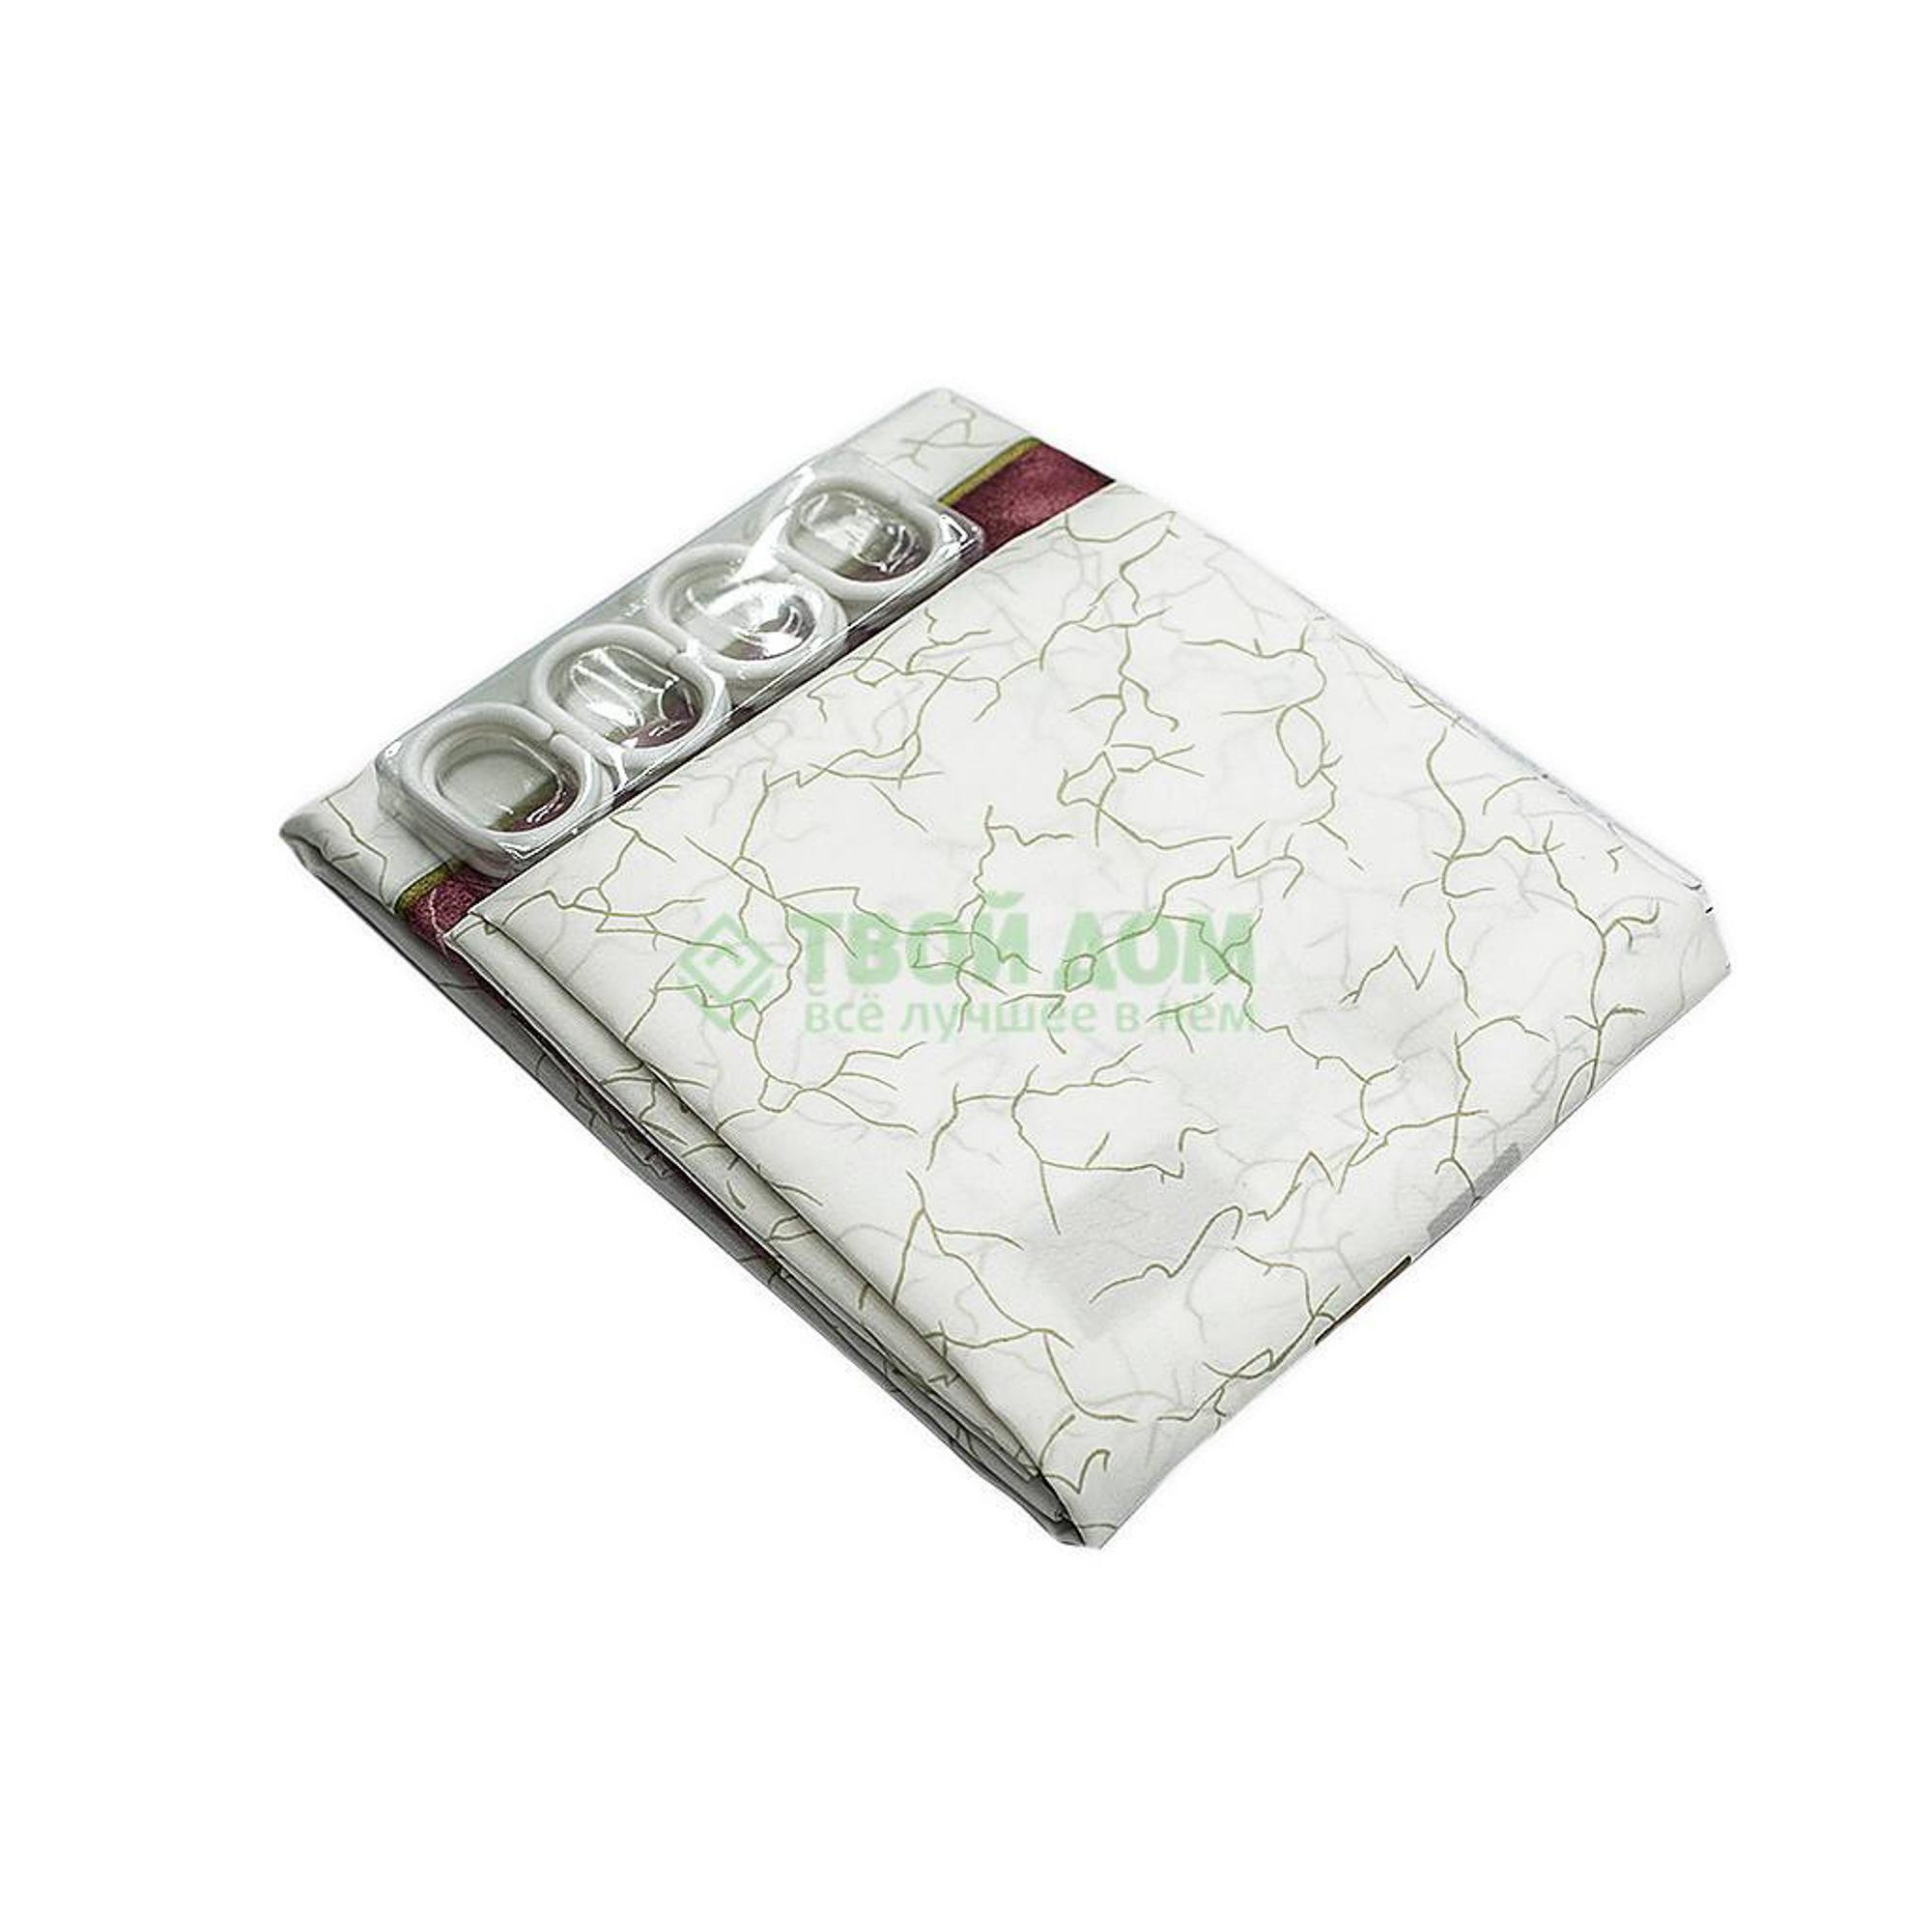 Купить Штора для ванной комнаты Niklen 186 White-Brown, штора для ванной комнаты, Канада, коричневый, белый, полиэстер